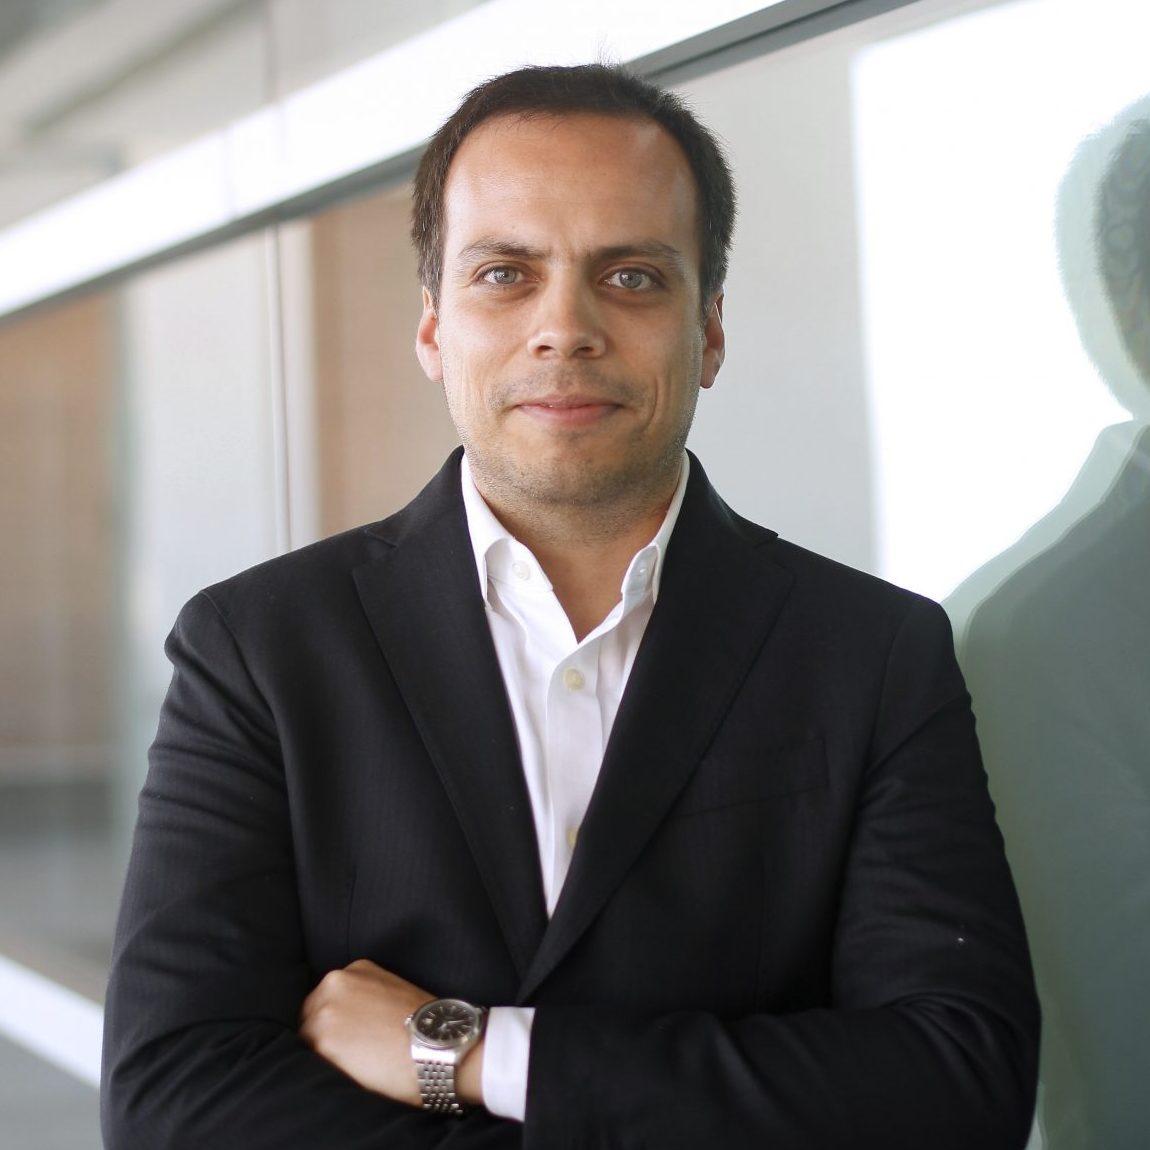 Álvaro García Marín - Universidad de los Andes